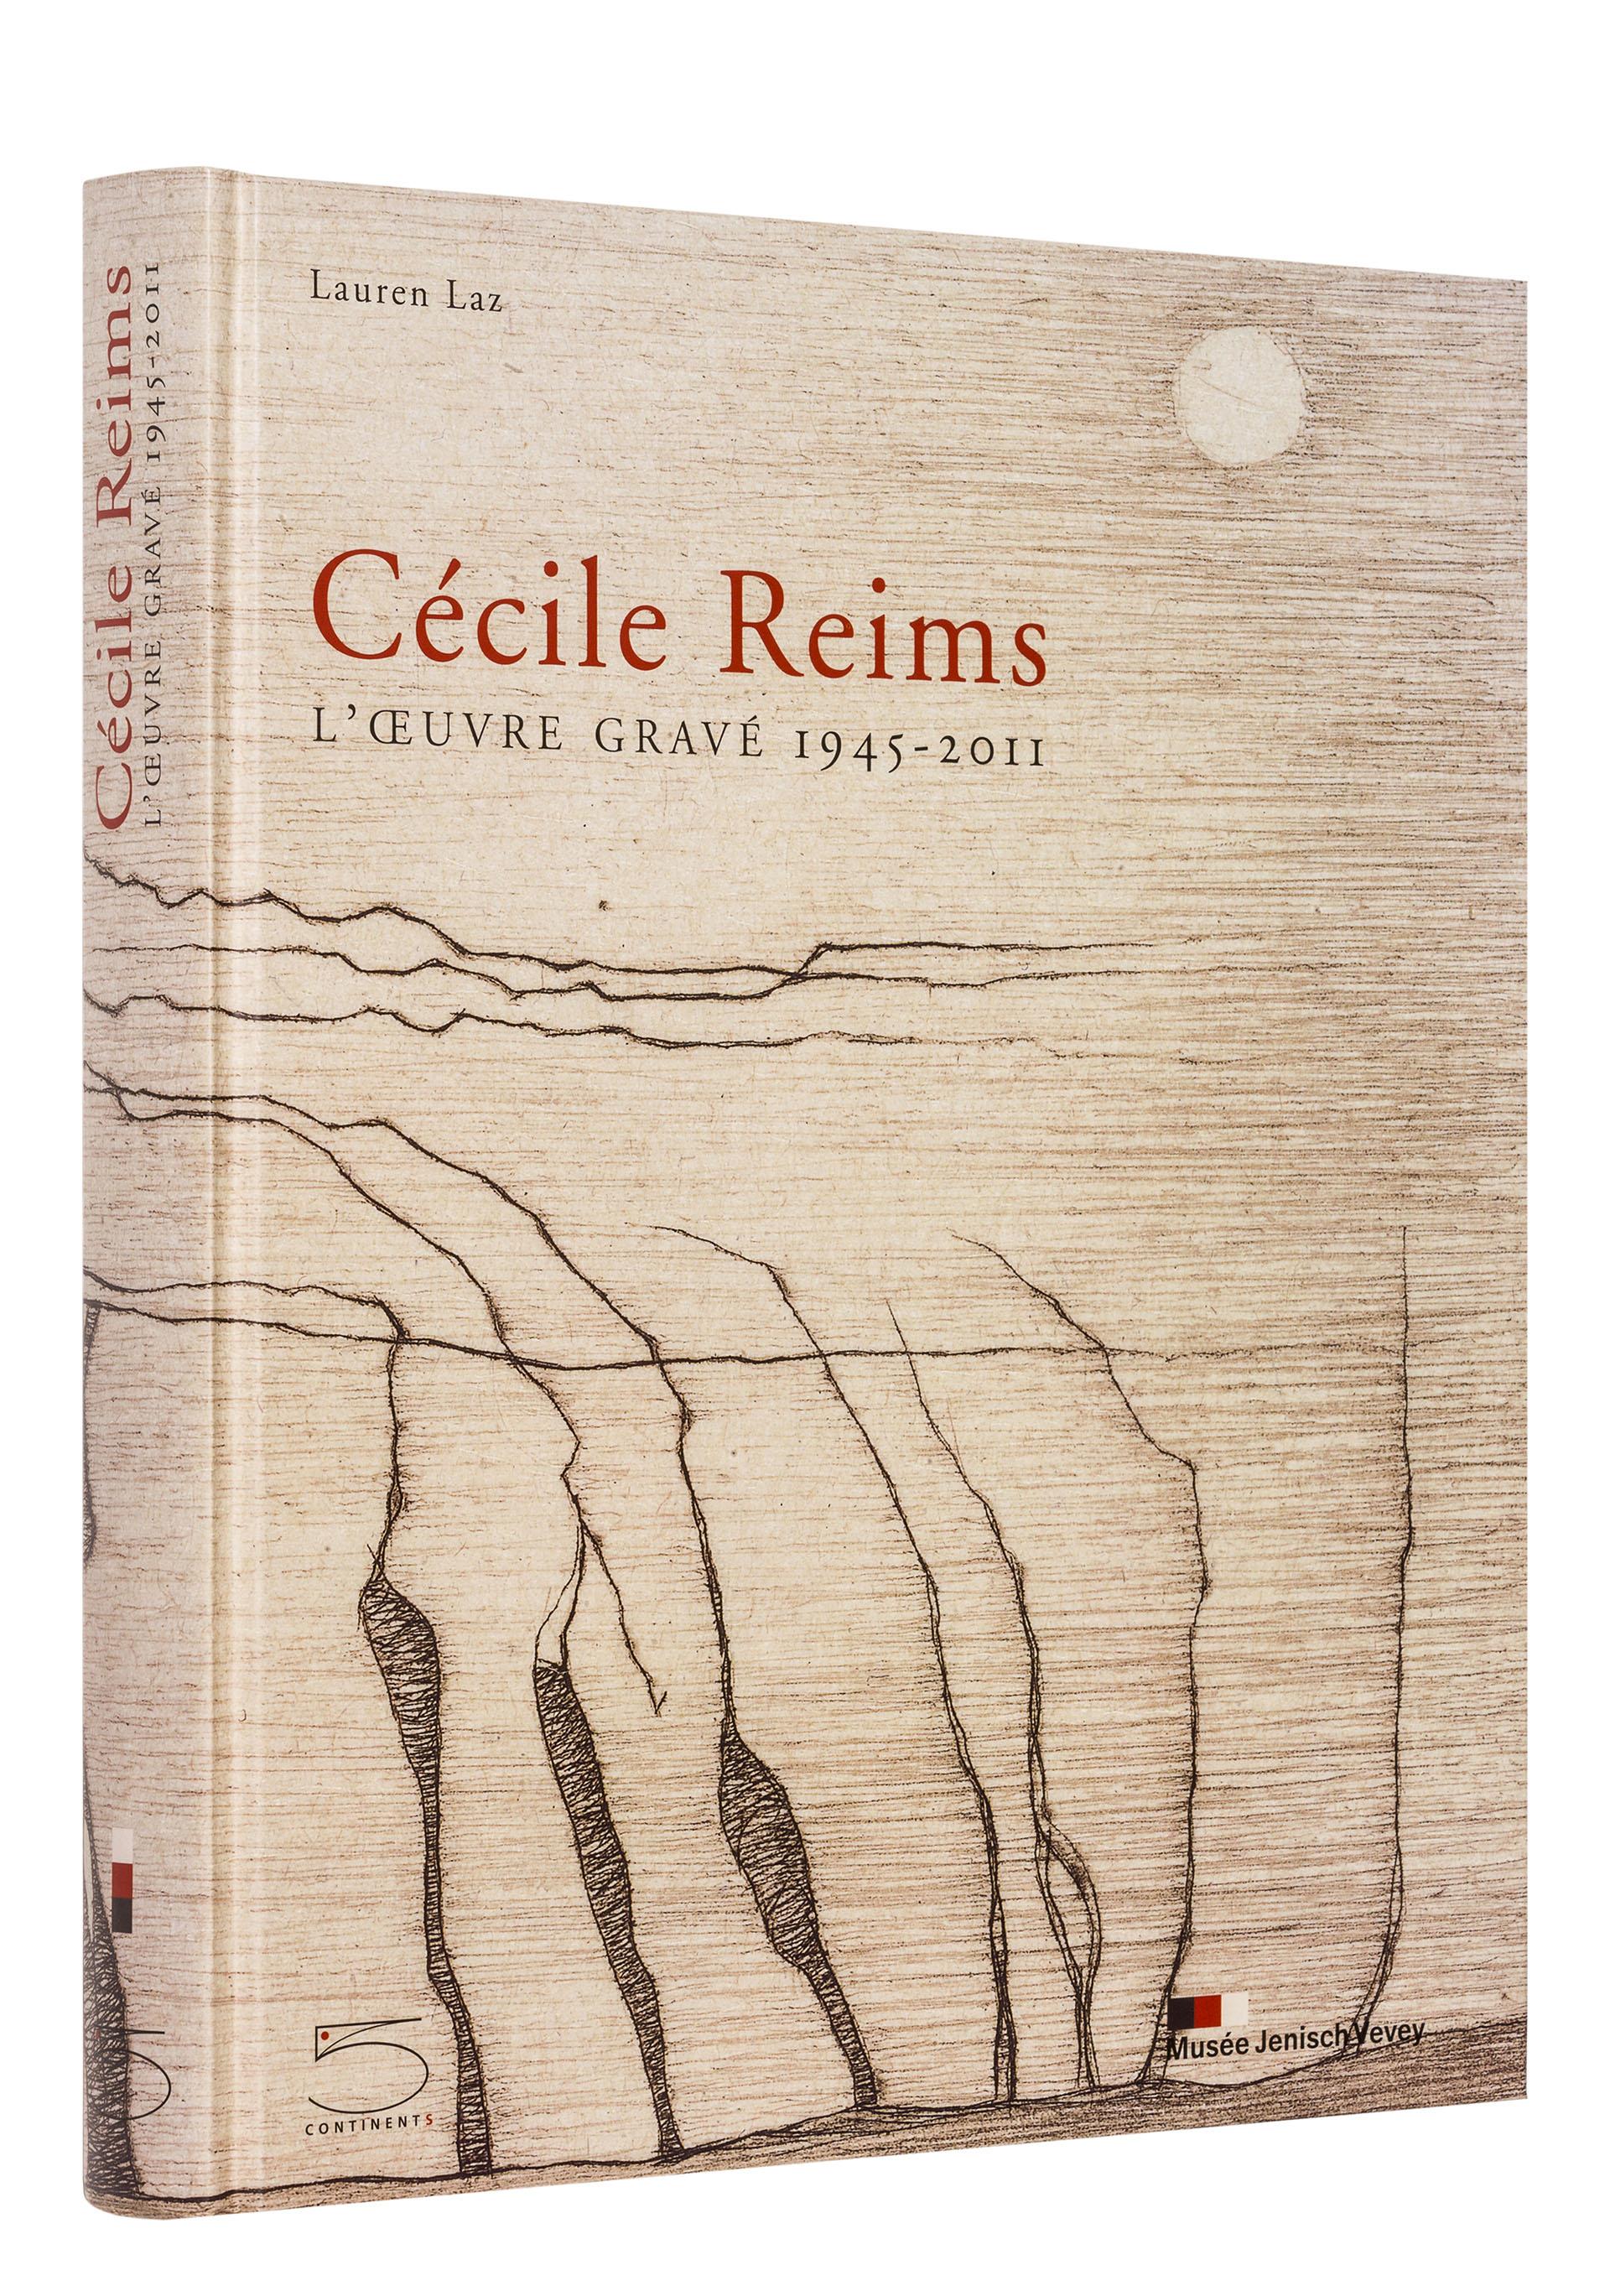 Cécile Reims